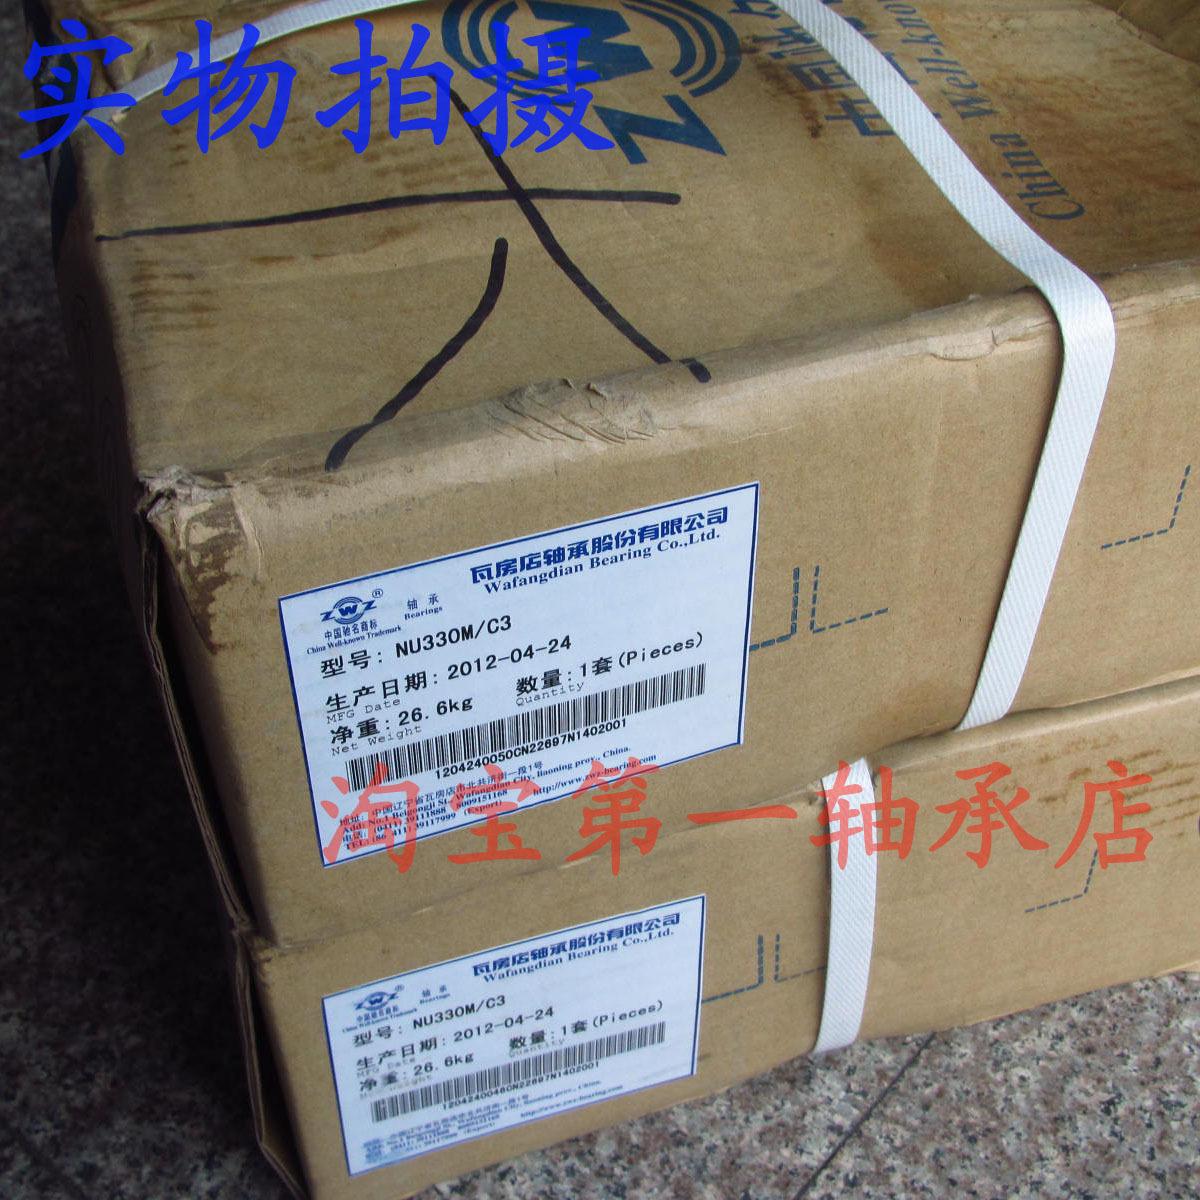 [皇冠店]瓦房店轴承�INU330M/C3 32330H ZWZ 发电机专用轴承 总厂 价格:1130.00